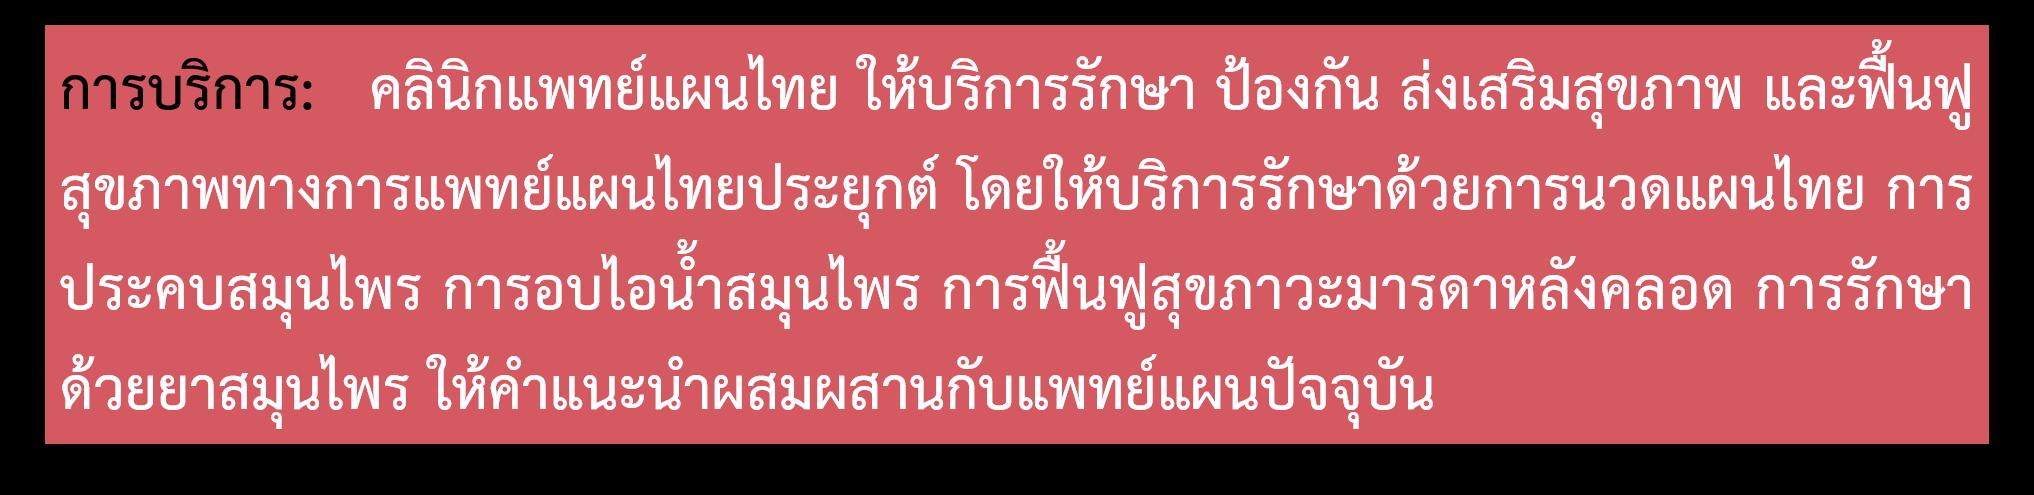 แผนไทย1